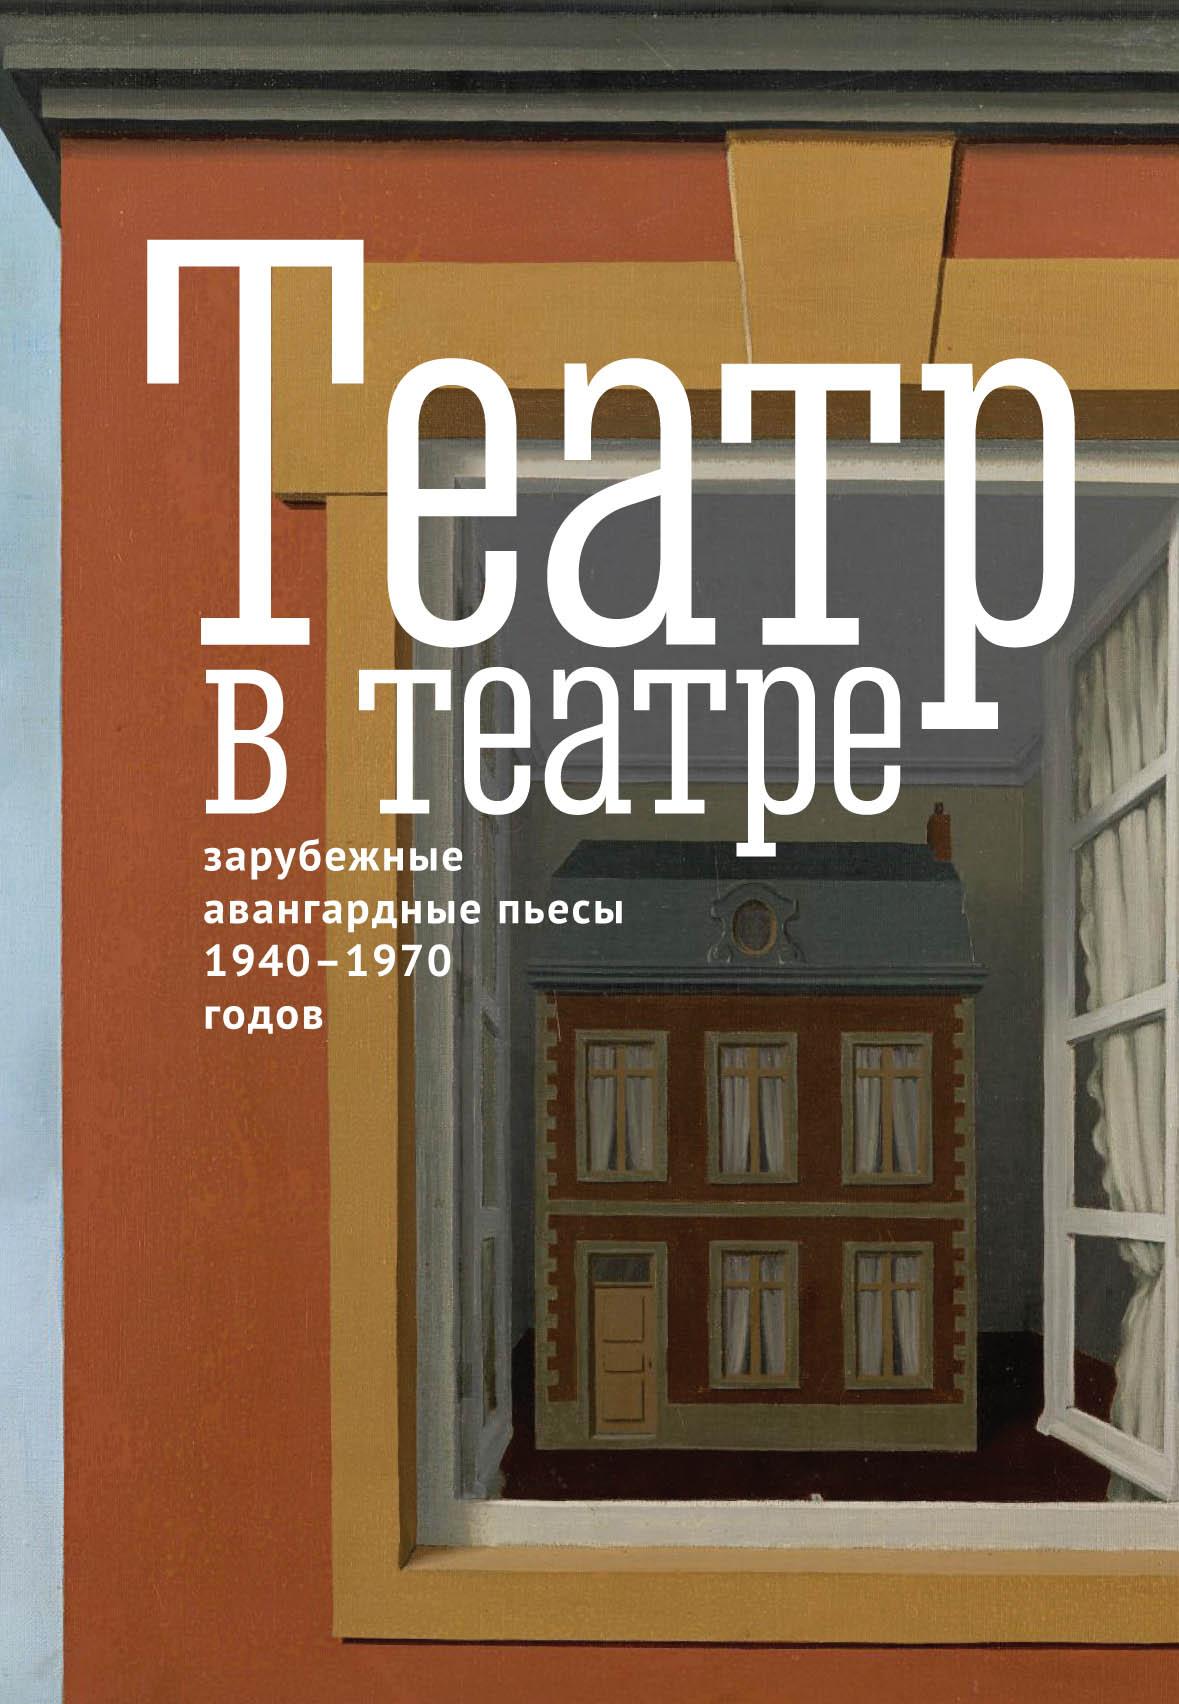 teatr v teatre zarubezhnye avangardnye pesy 19401970 kh godov